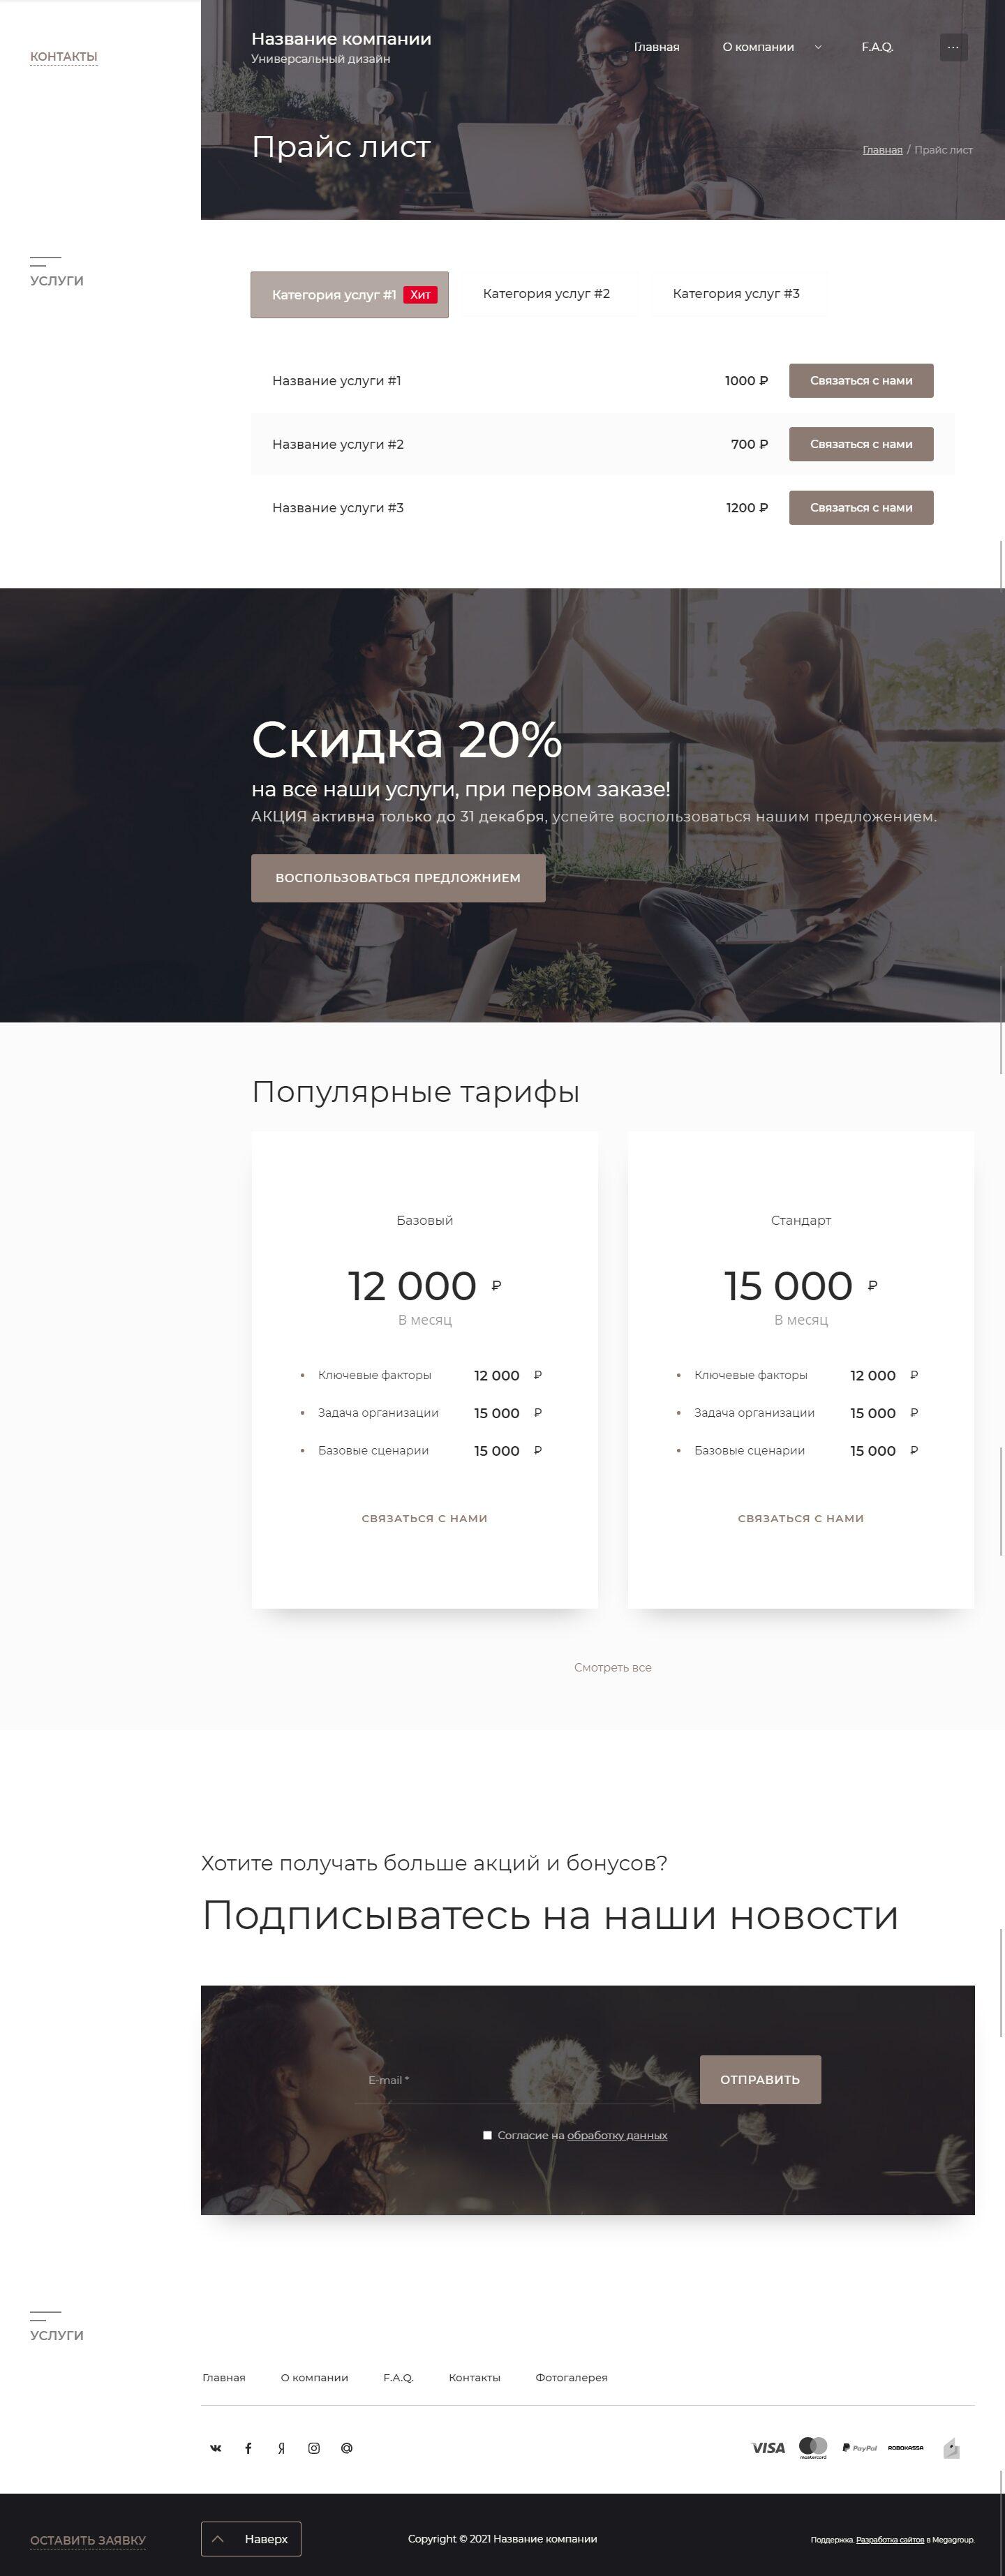 Готовый Сайт-Бизнес #3032224 - Универсальный дизайн (Цены)